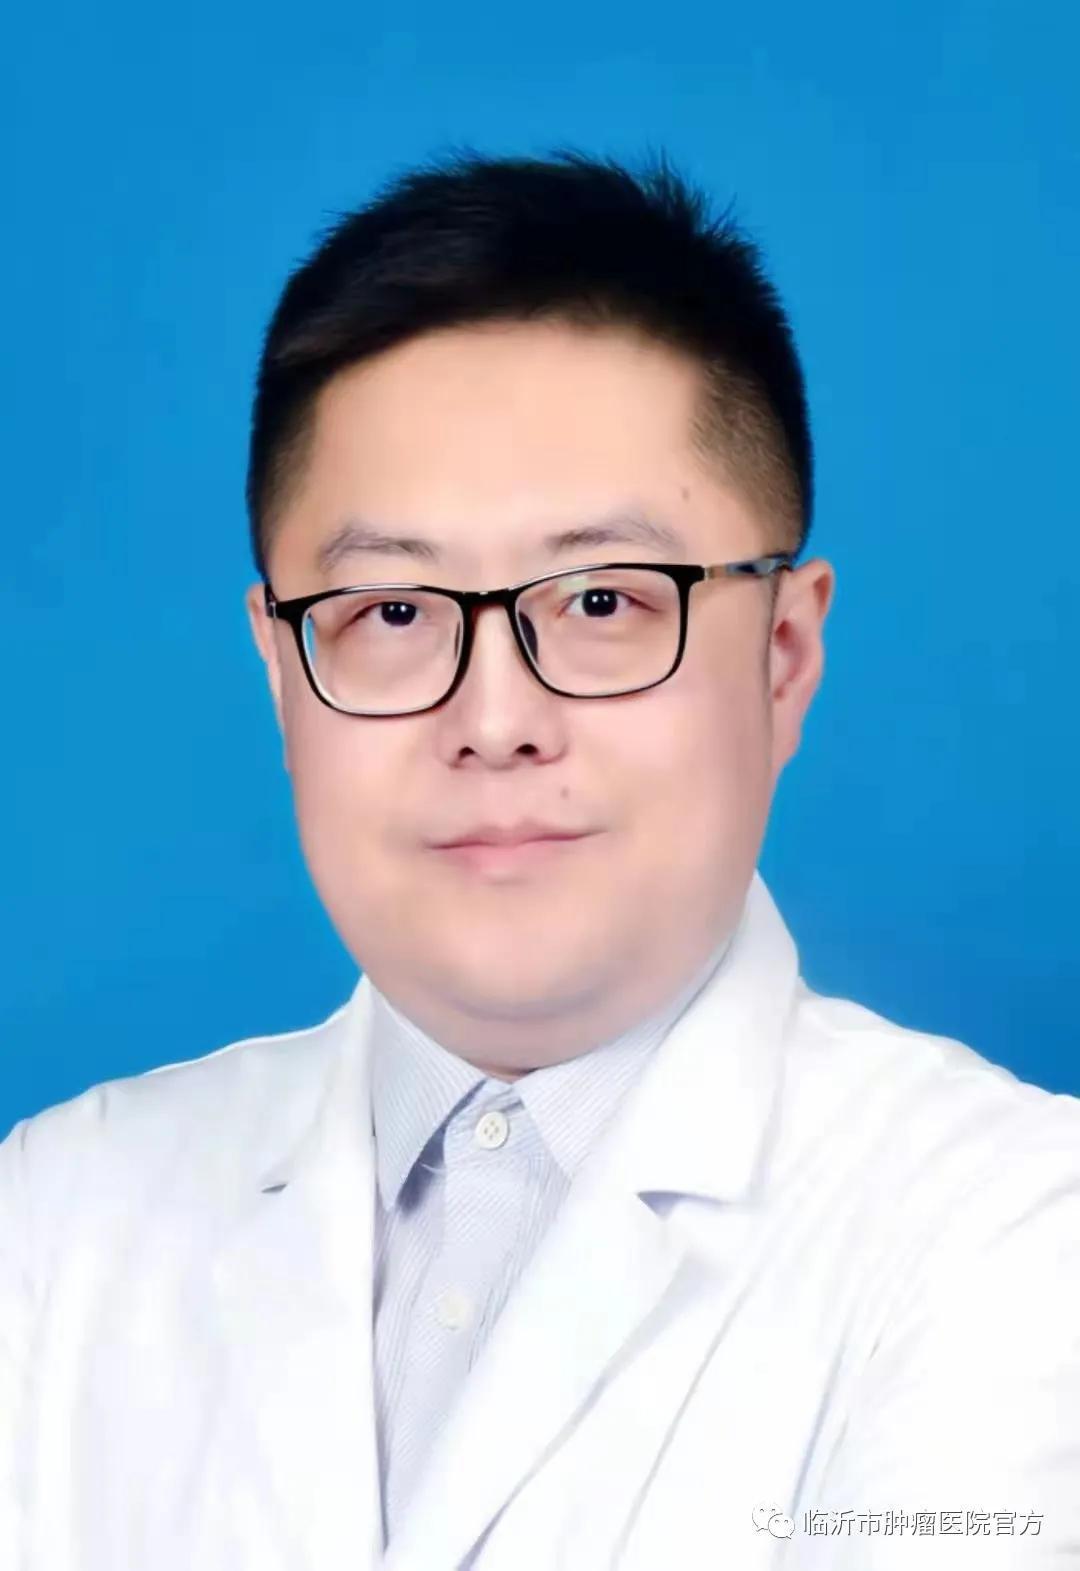 临沂市肿瘤医院葛春晓:在奉献中实现自我价值